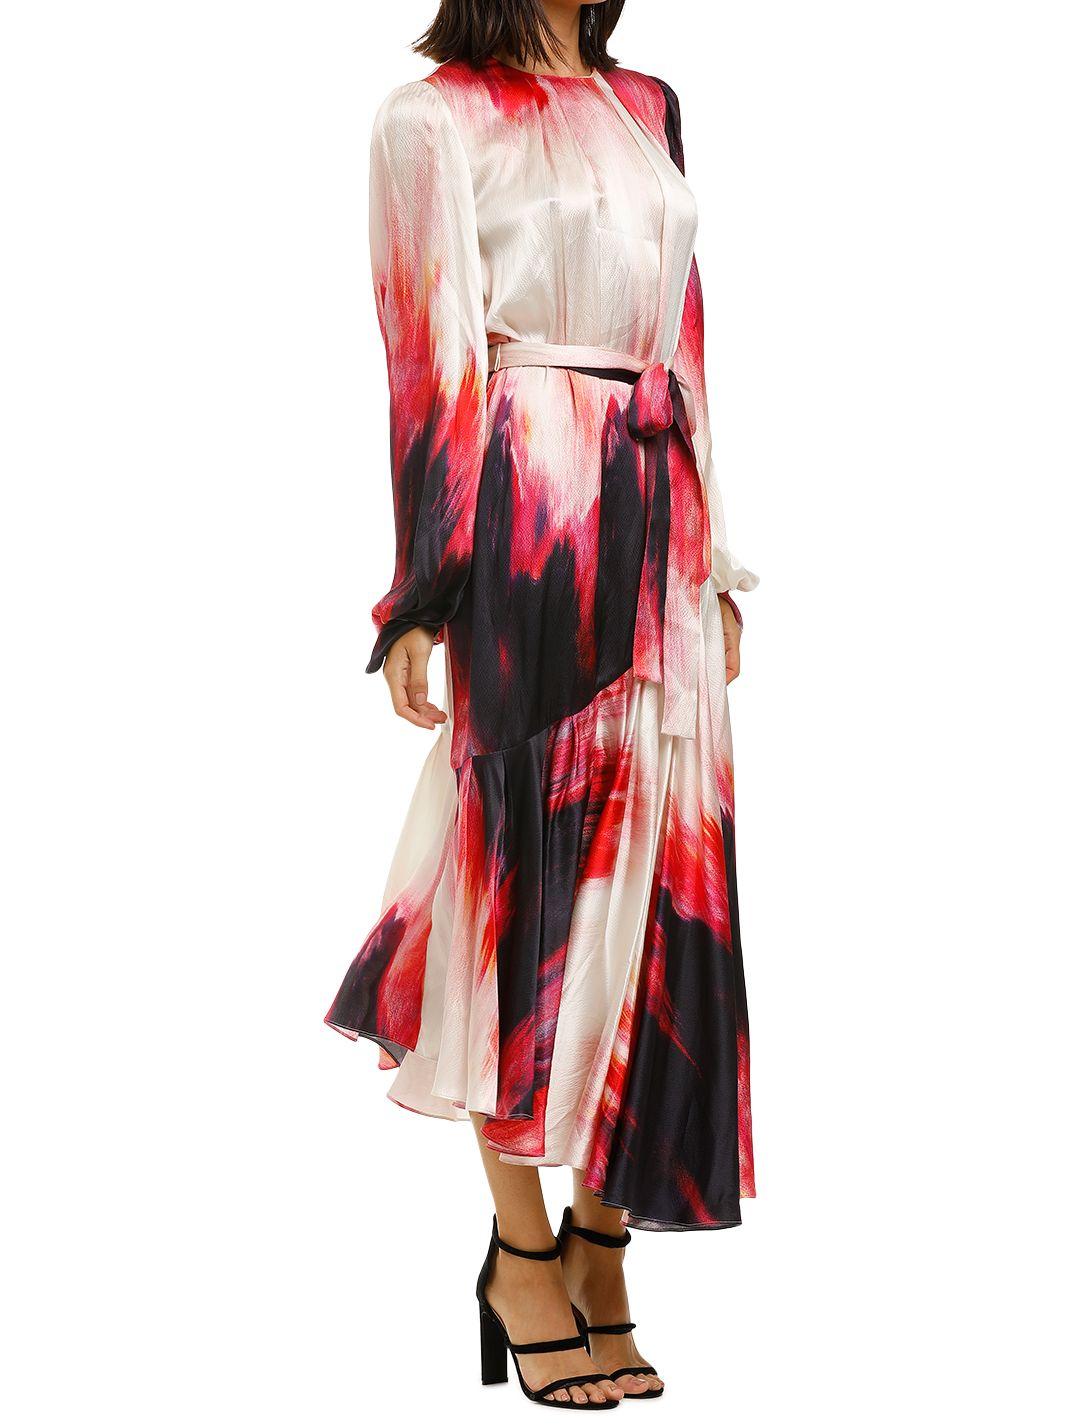 Aje-Helena-Maxi-Dress-Miami-Dye-Side